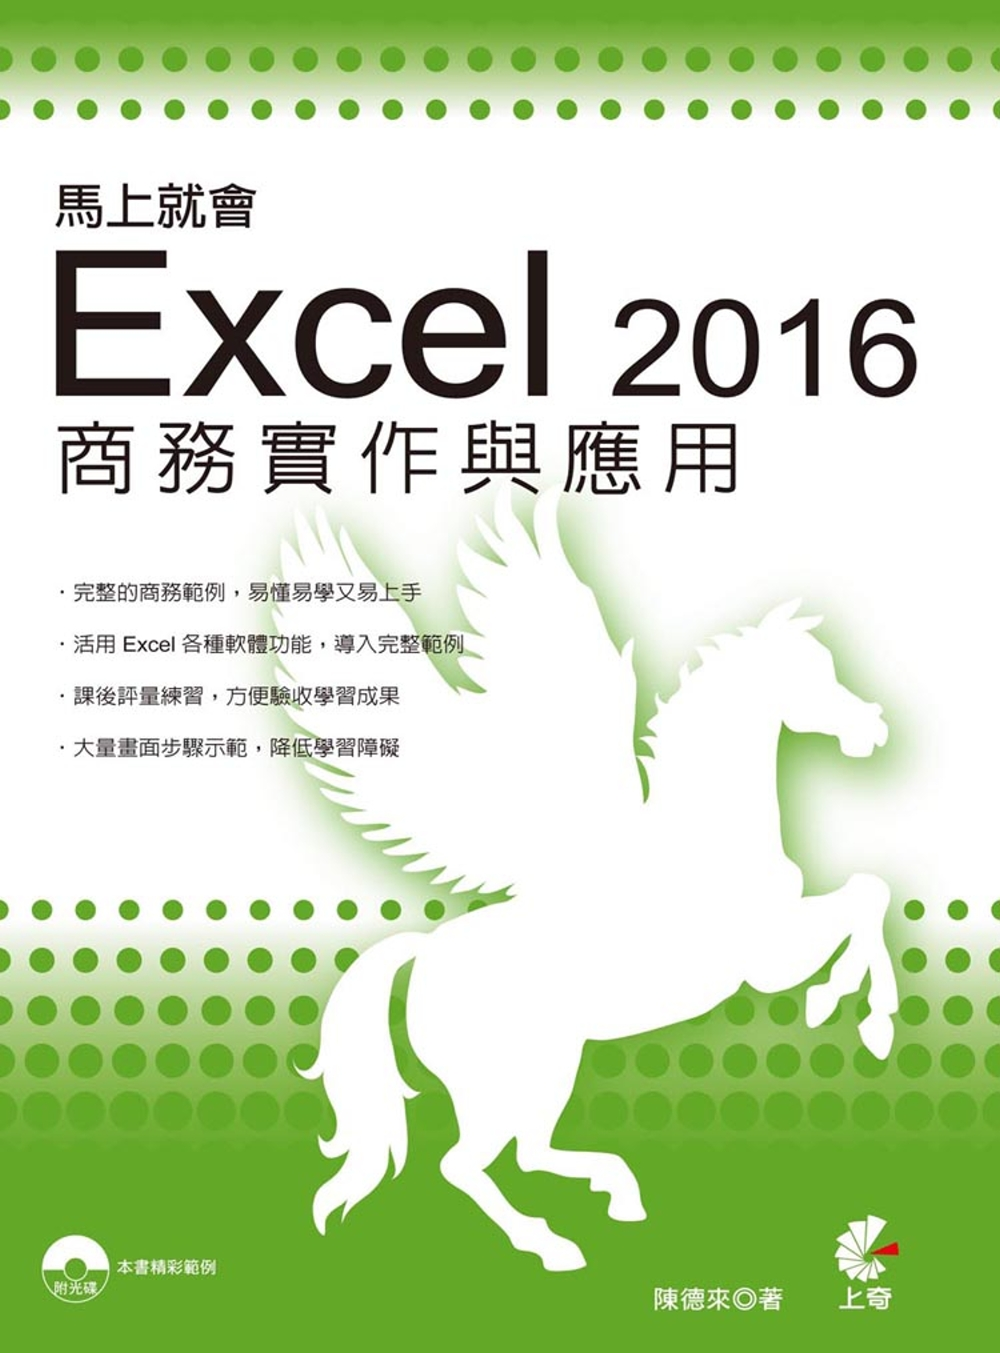 馬上就會Excel 2016商務實作...